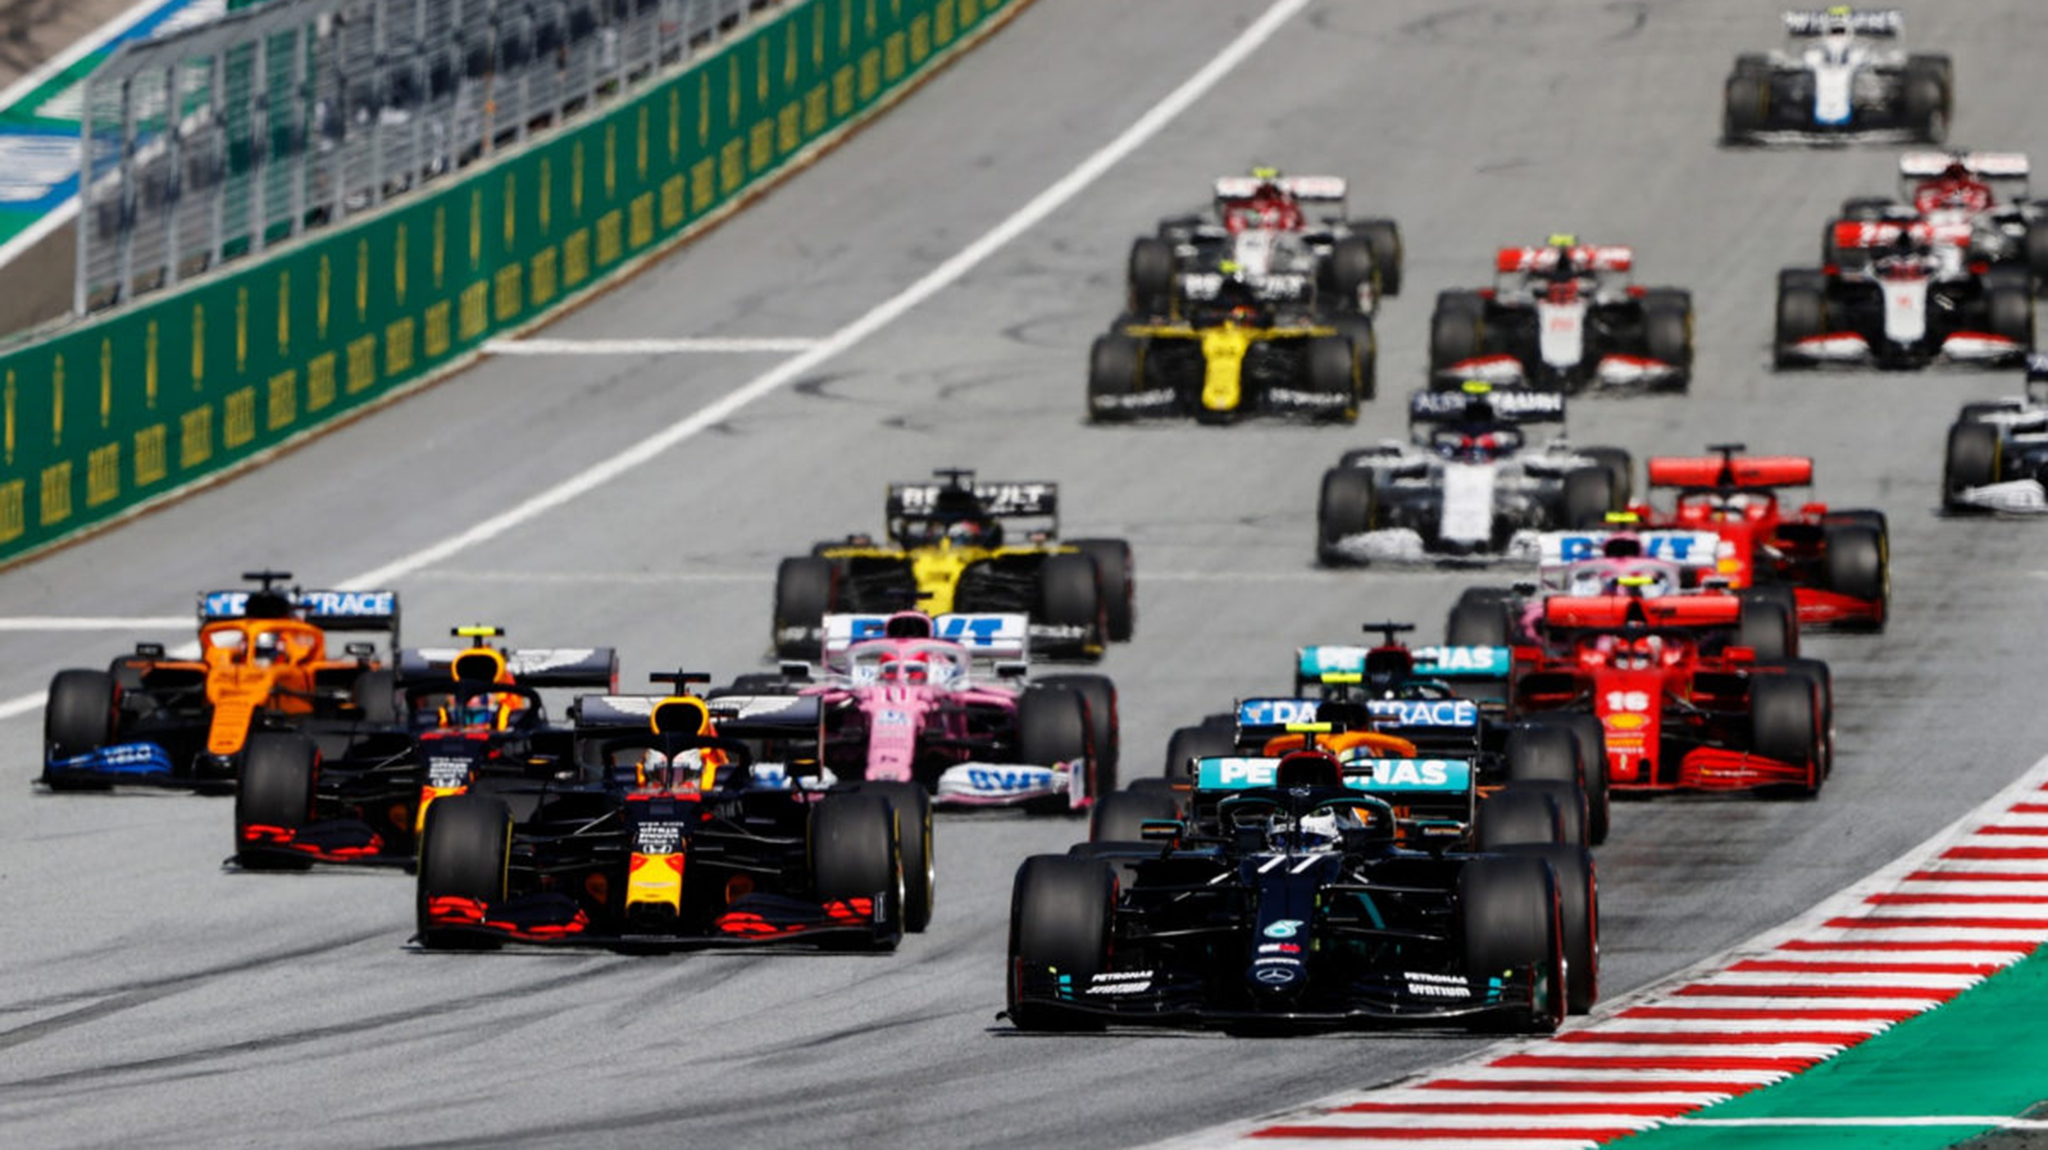 Điểm mặt 20 tay đua chính tham dự F1 mùa giải 2021